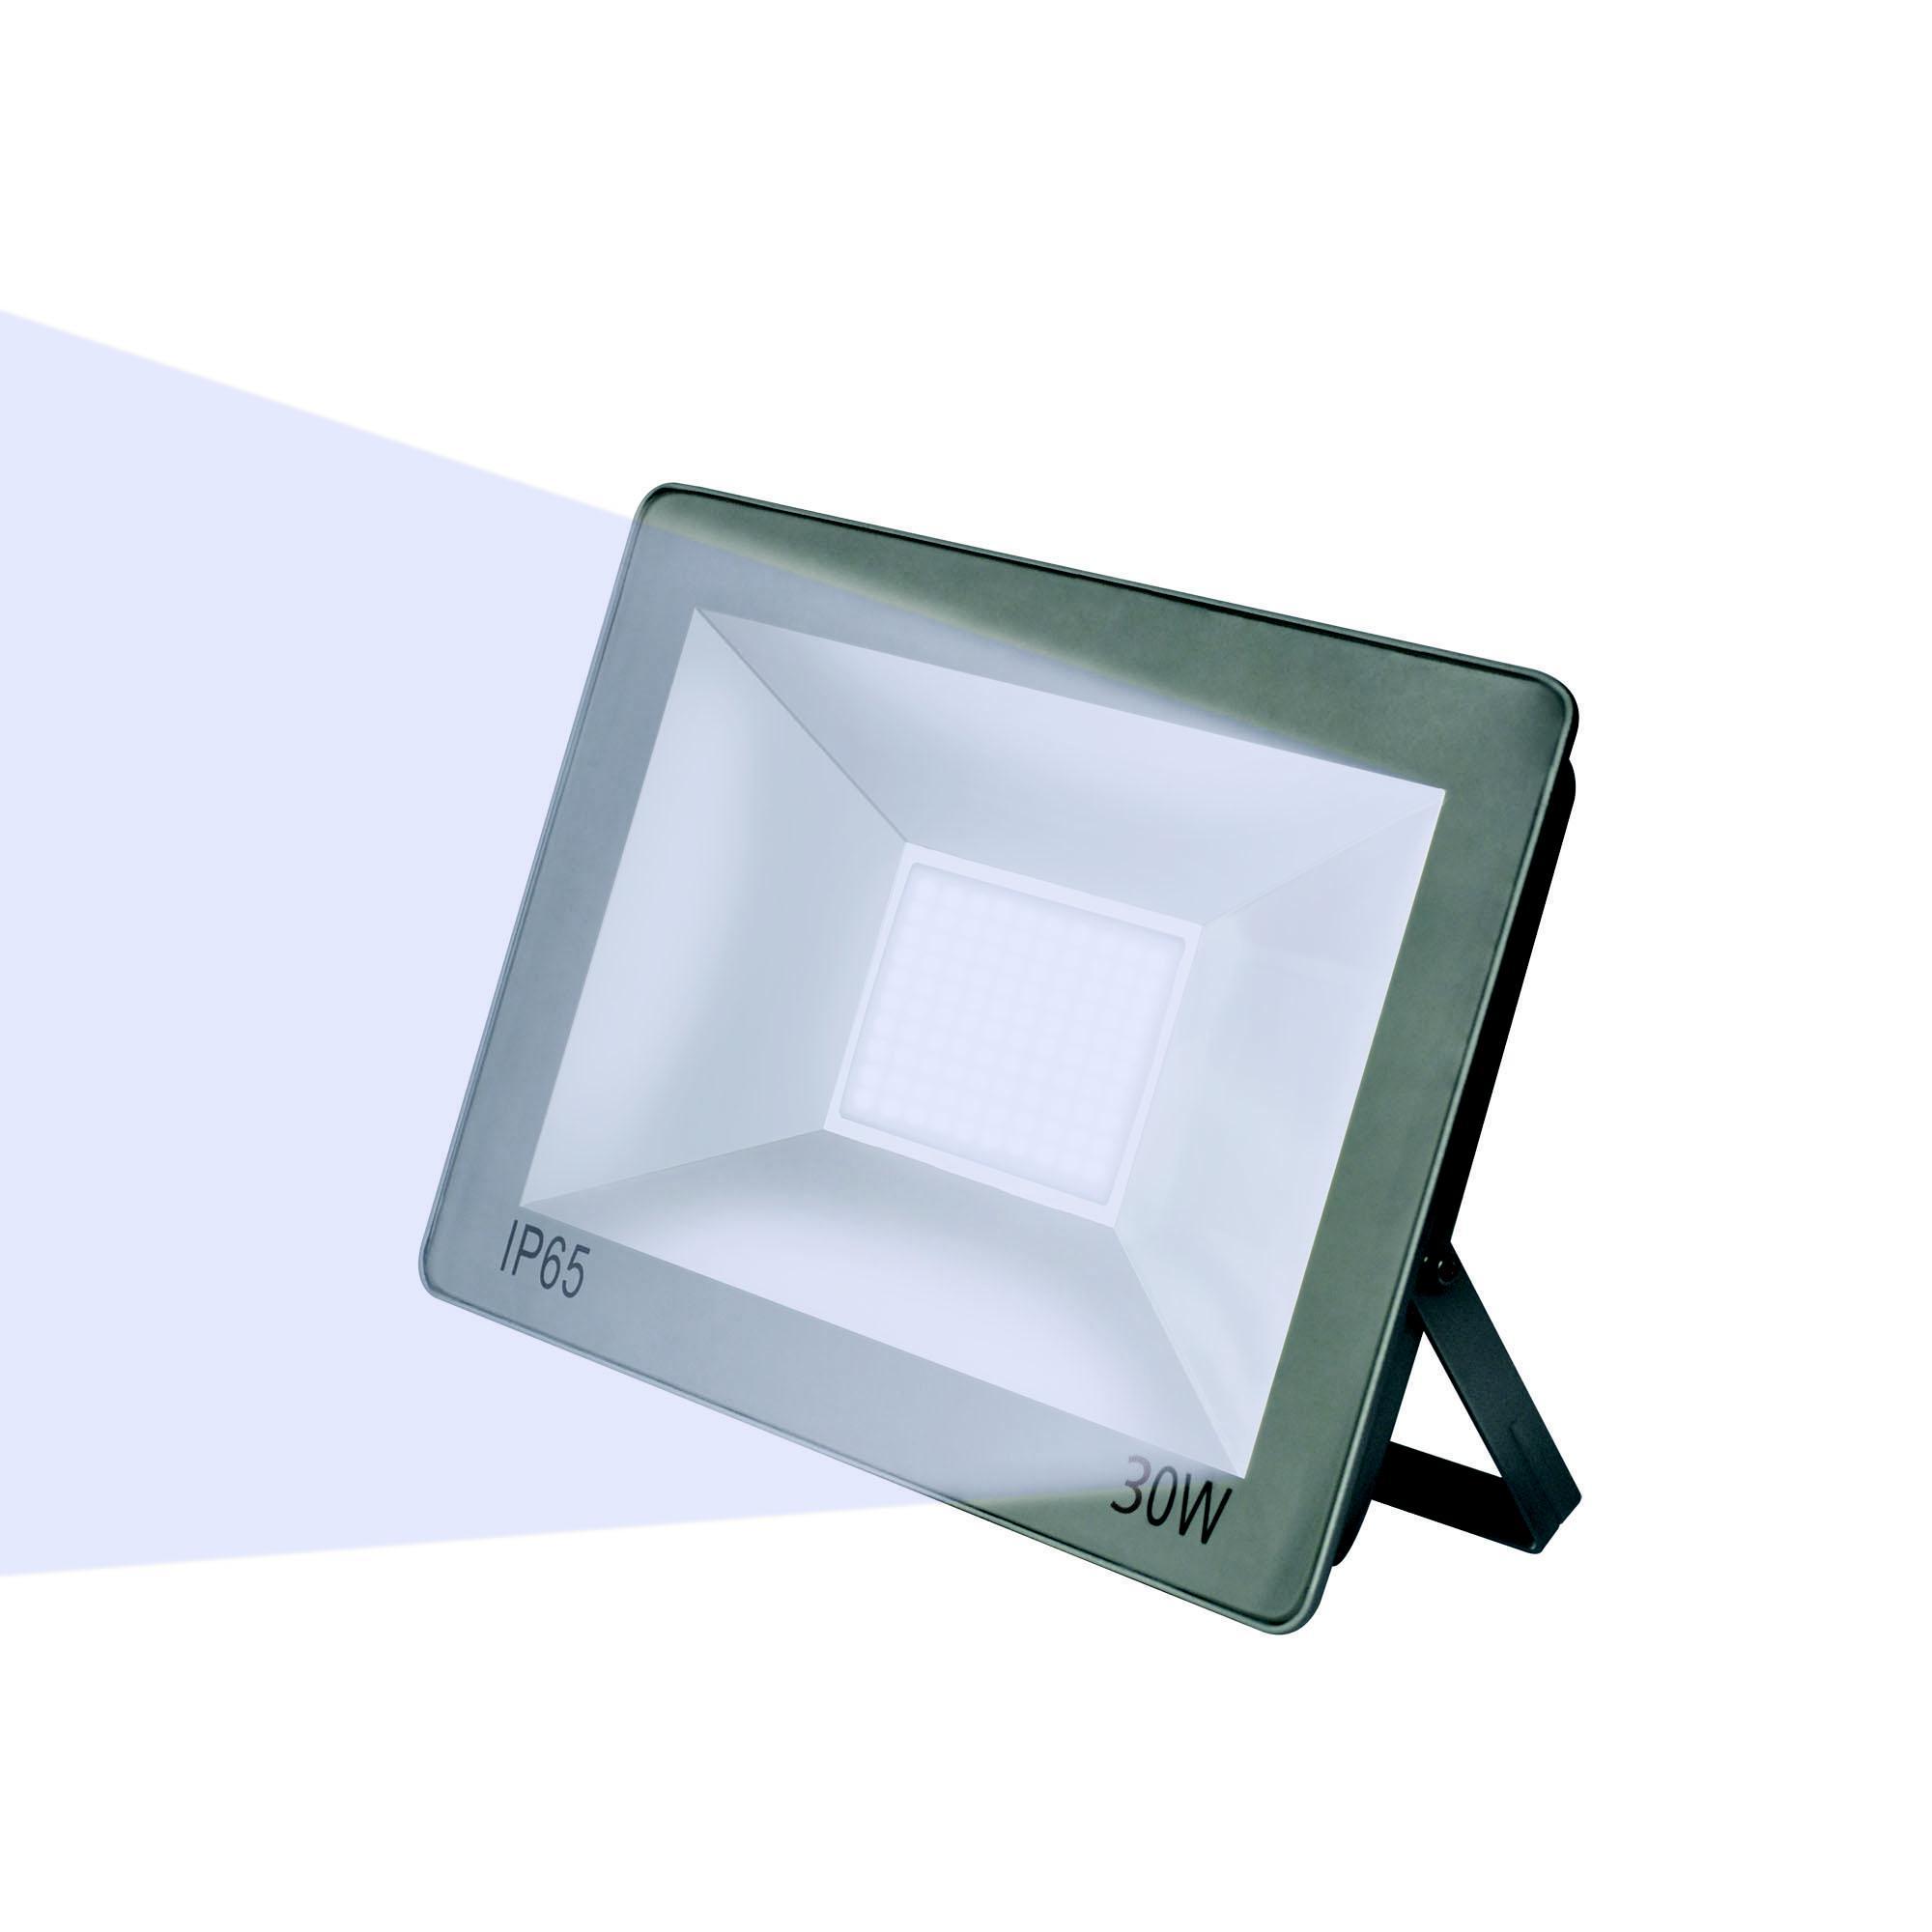 Прожектор светодиодный Uniel Ulf-f15-30w/dw